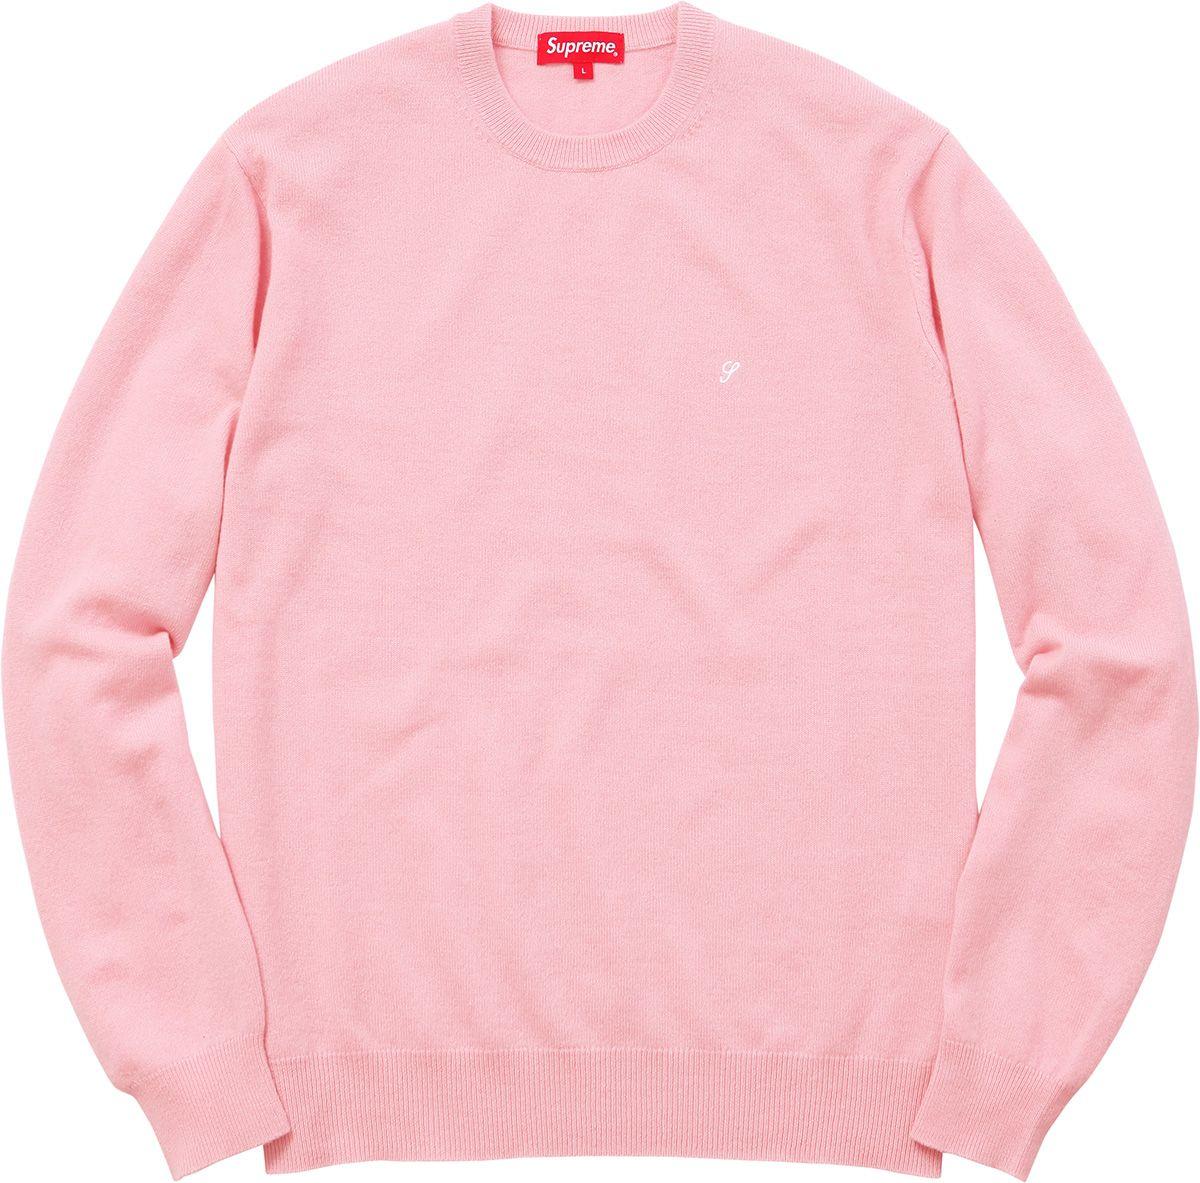 870fa25d34da Cashmere Sweater